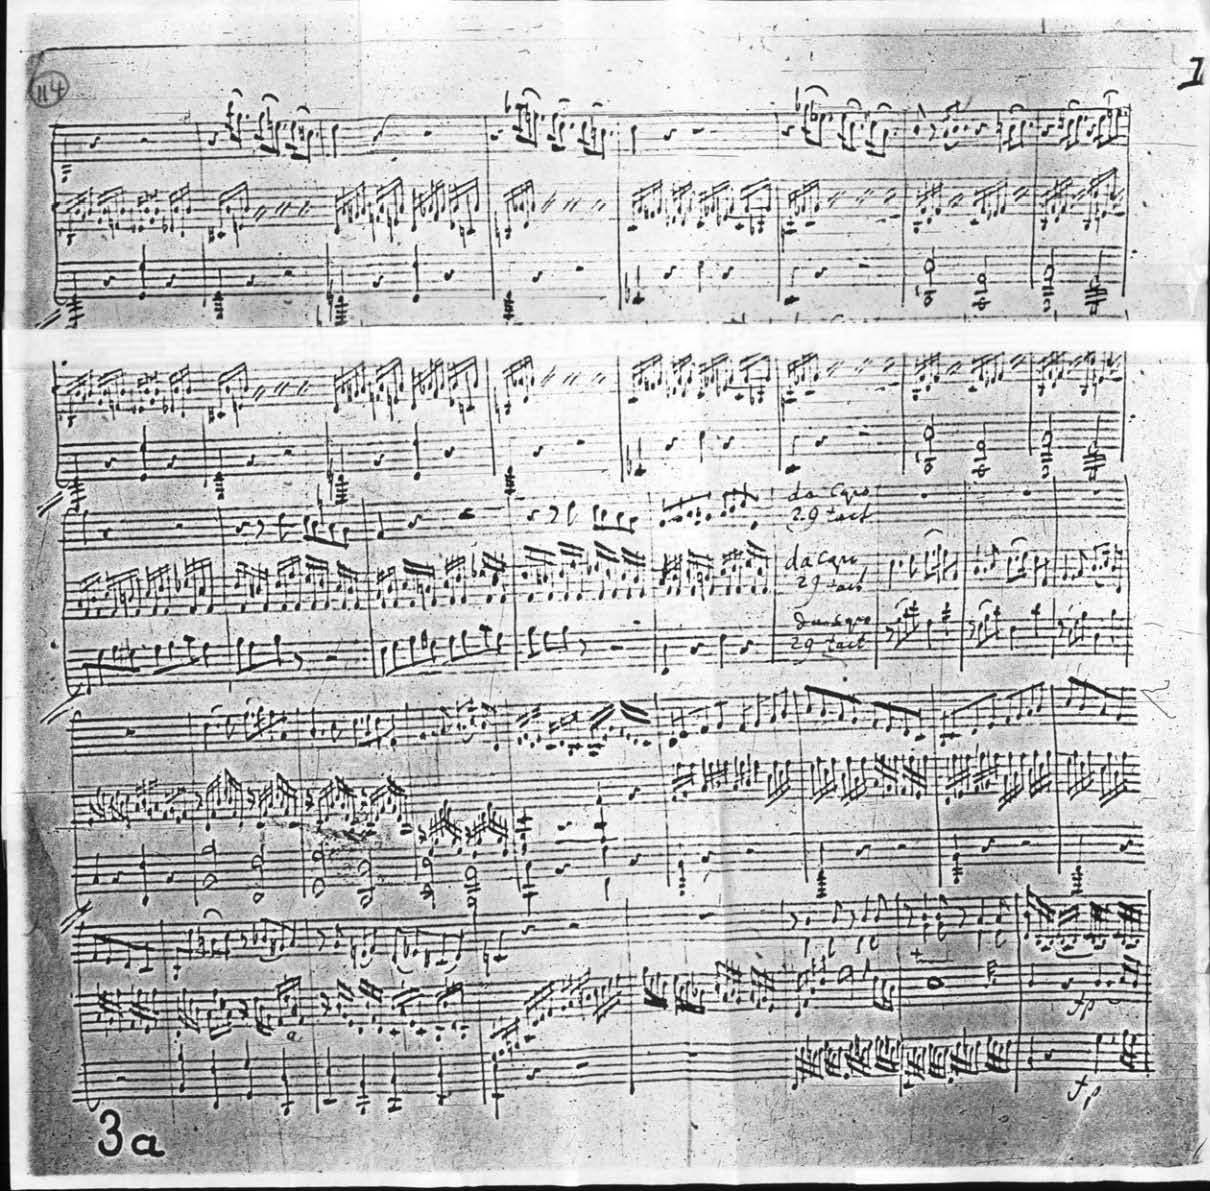 Allegro einer Sonate B-dur für Klavier und Violine Fragment, KV 372, S. 3a